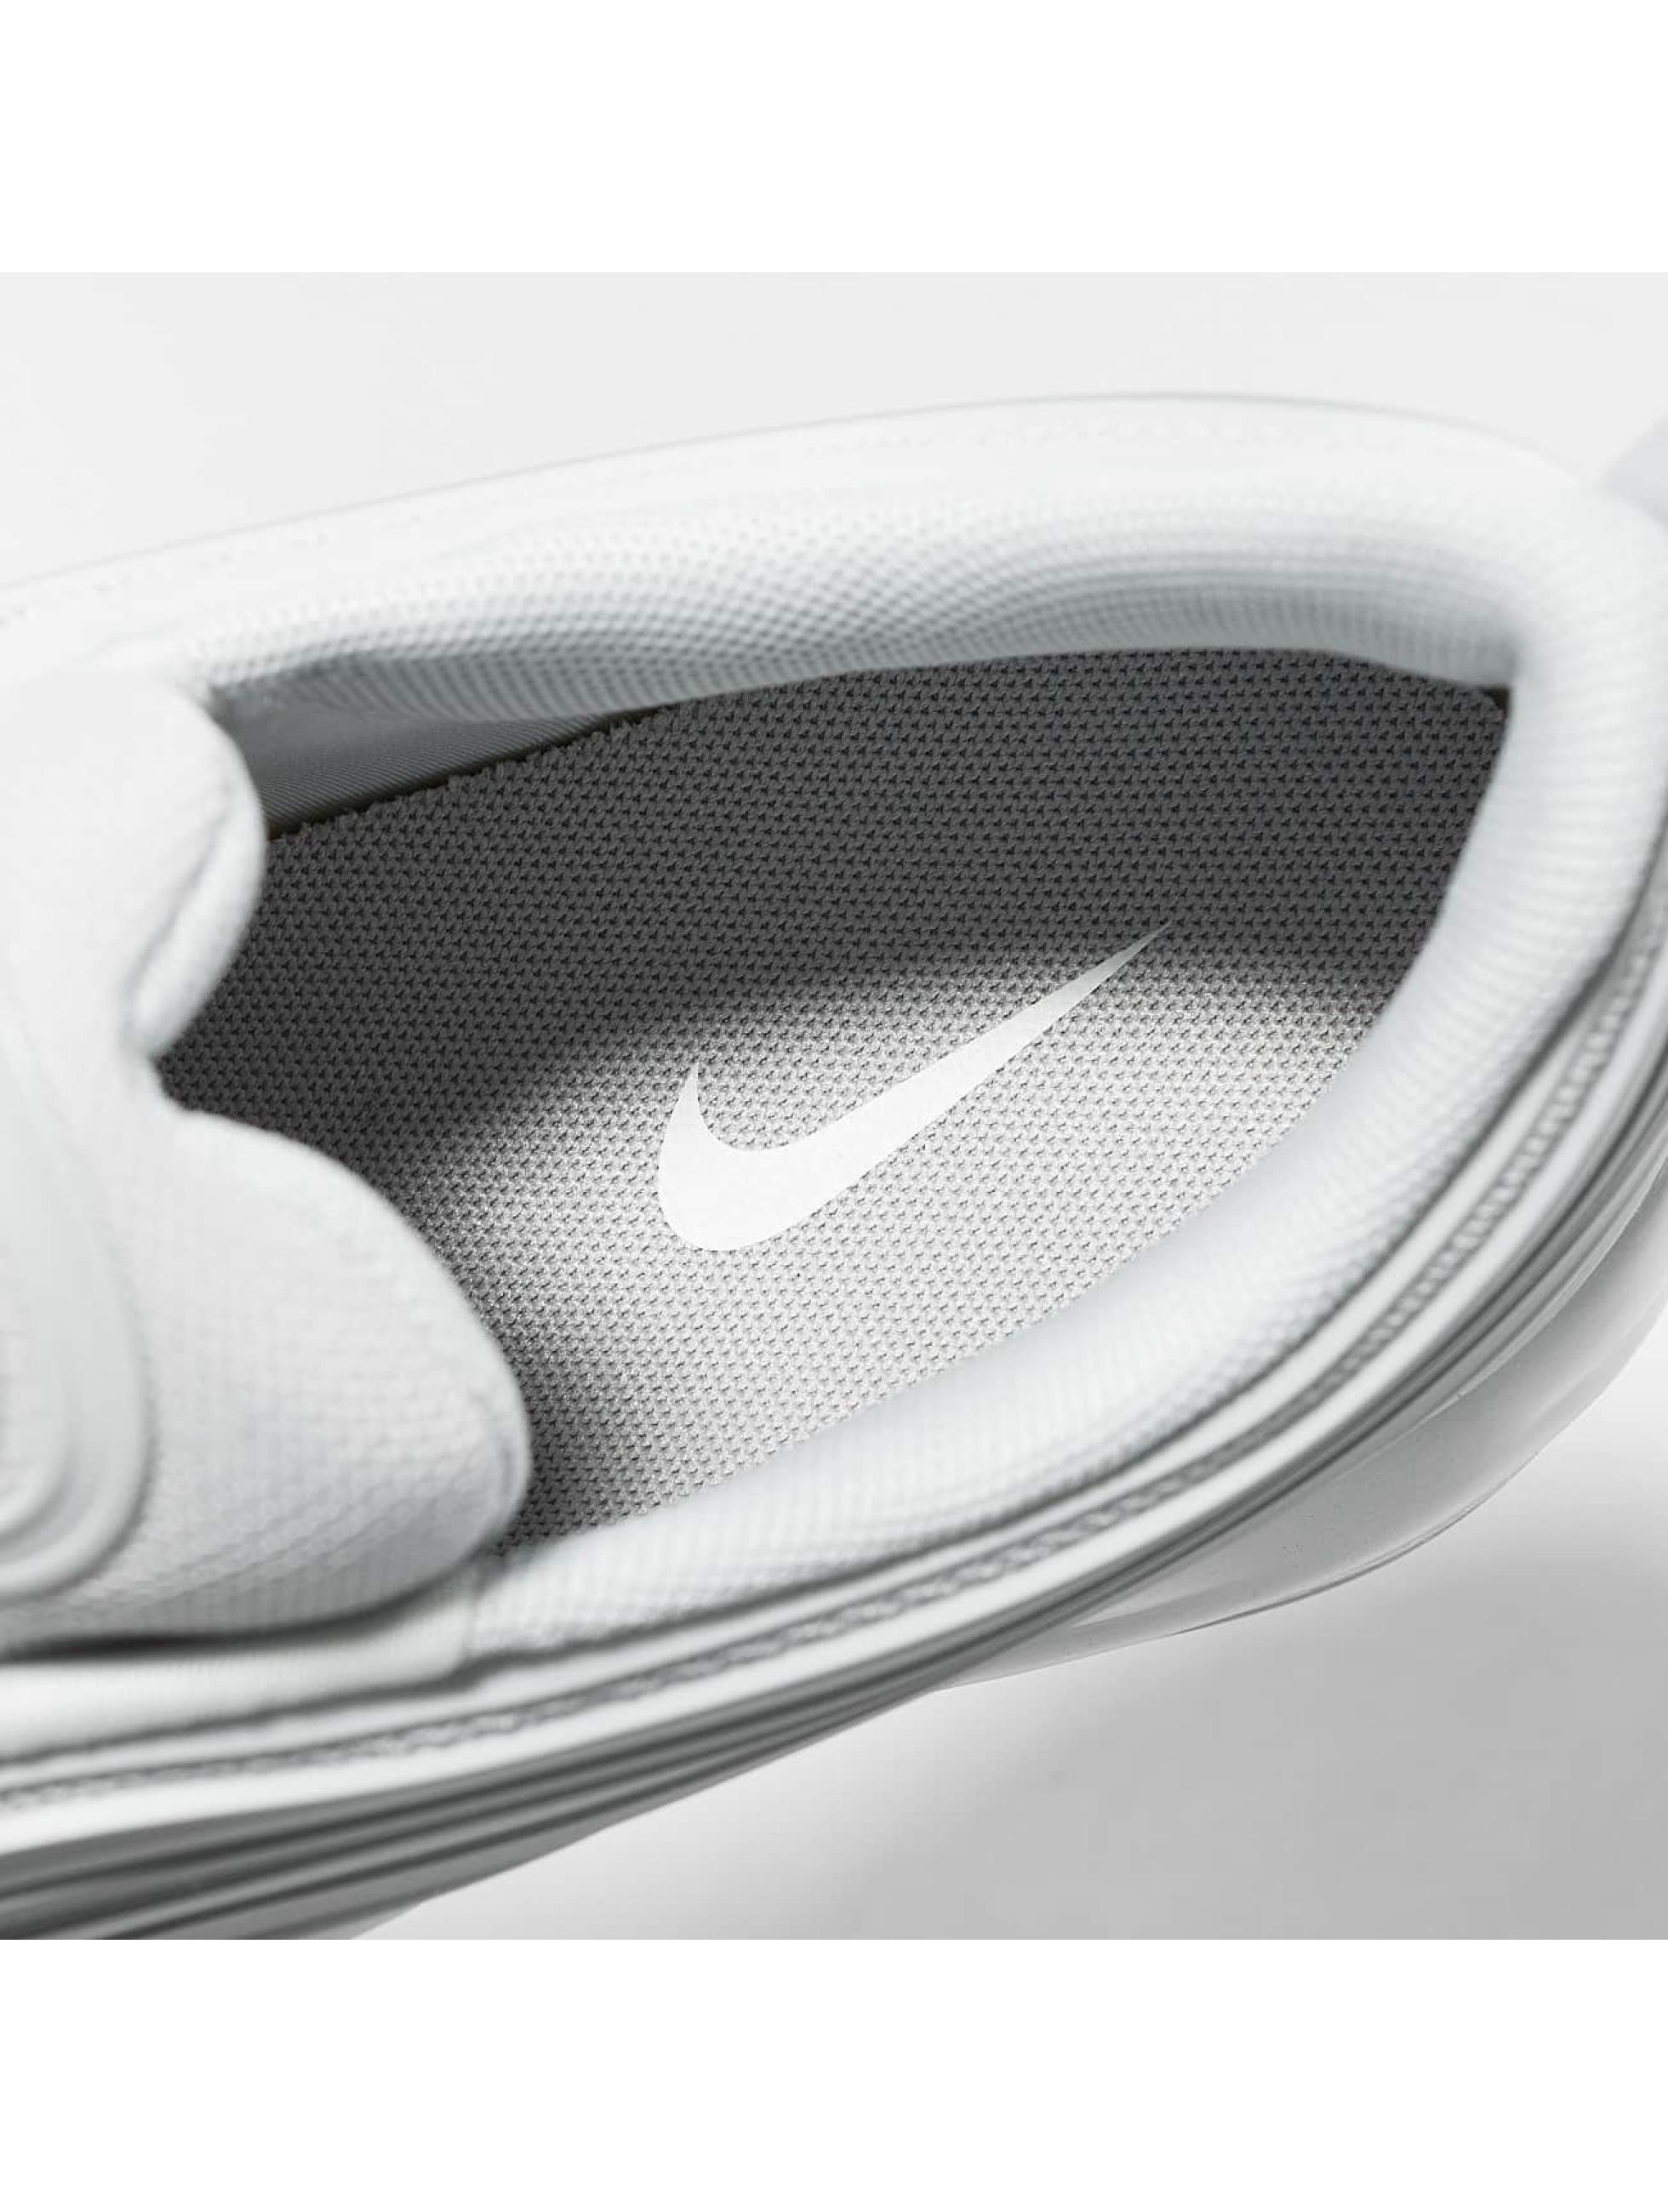 Nike Sneakers Air Max 97 Ultra '17 Premium szary